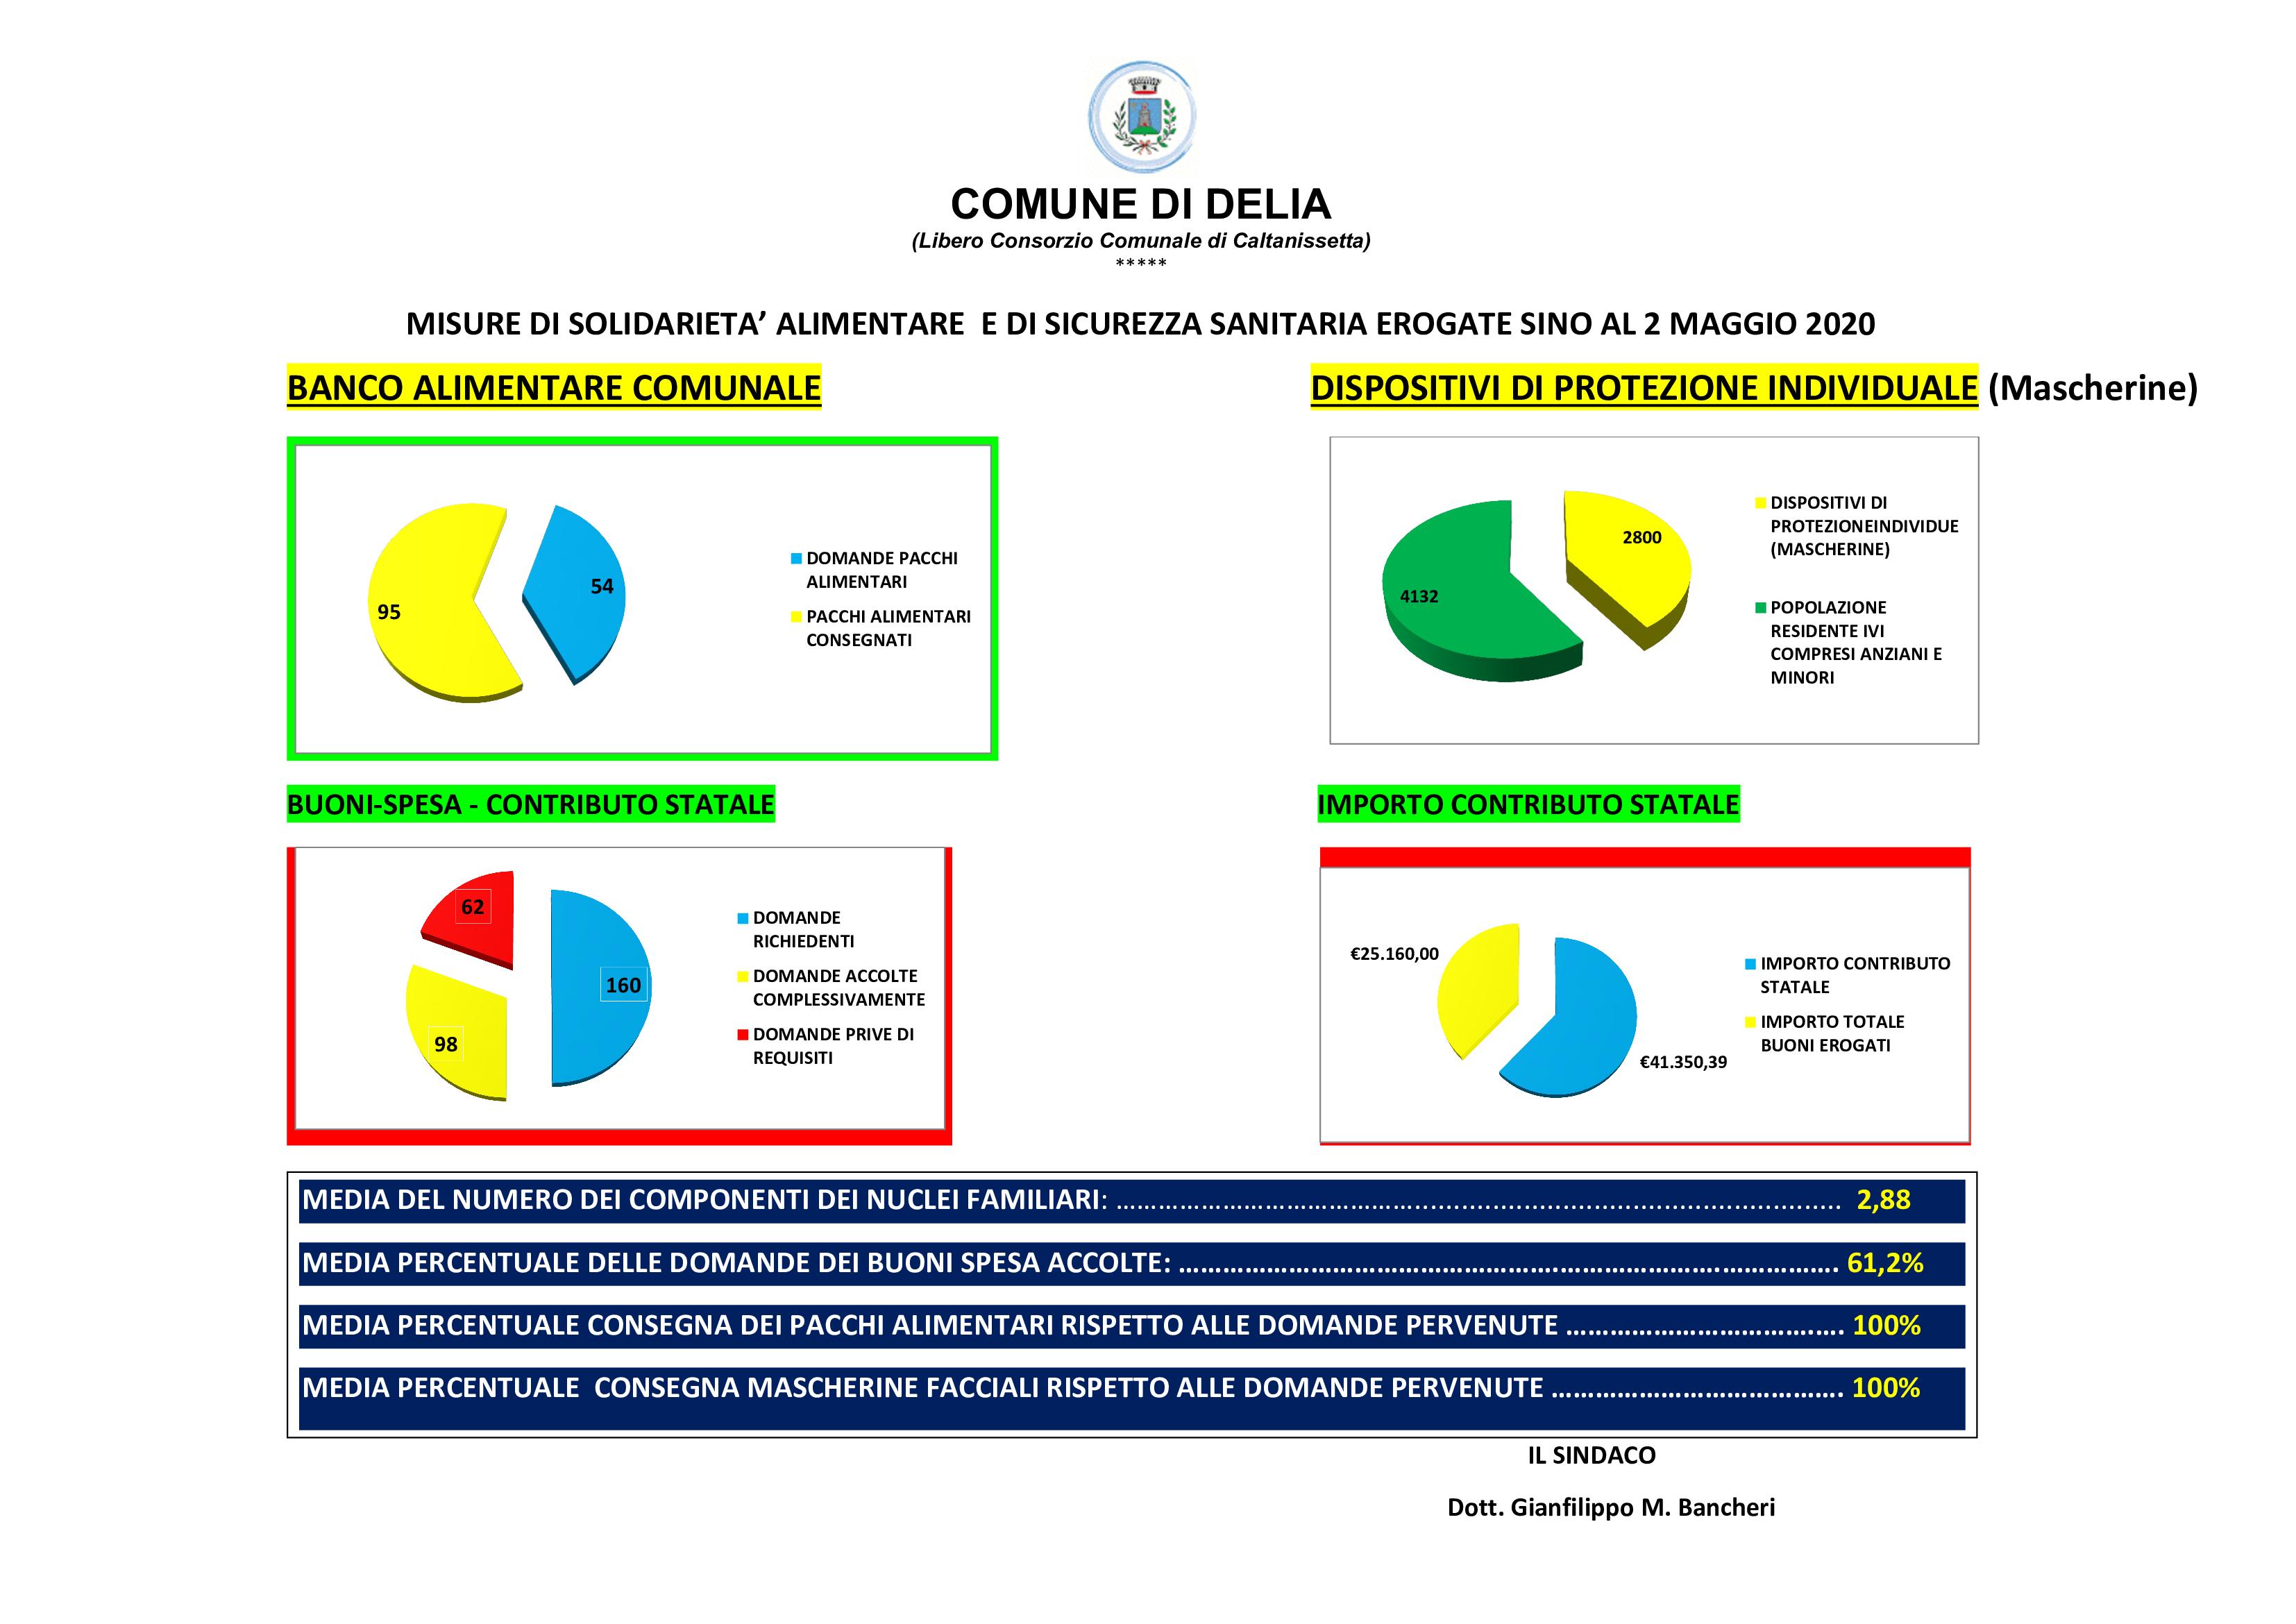 MISURE-DI-SOLIDARIETA%u2019-ALIMENTARE-E-DI-SICUREZZA-SANITARIA-EROGATE-SINO-AL-2-MAGGIO-2020-Copia-1